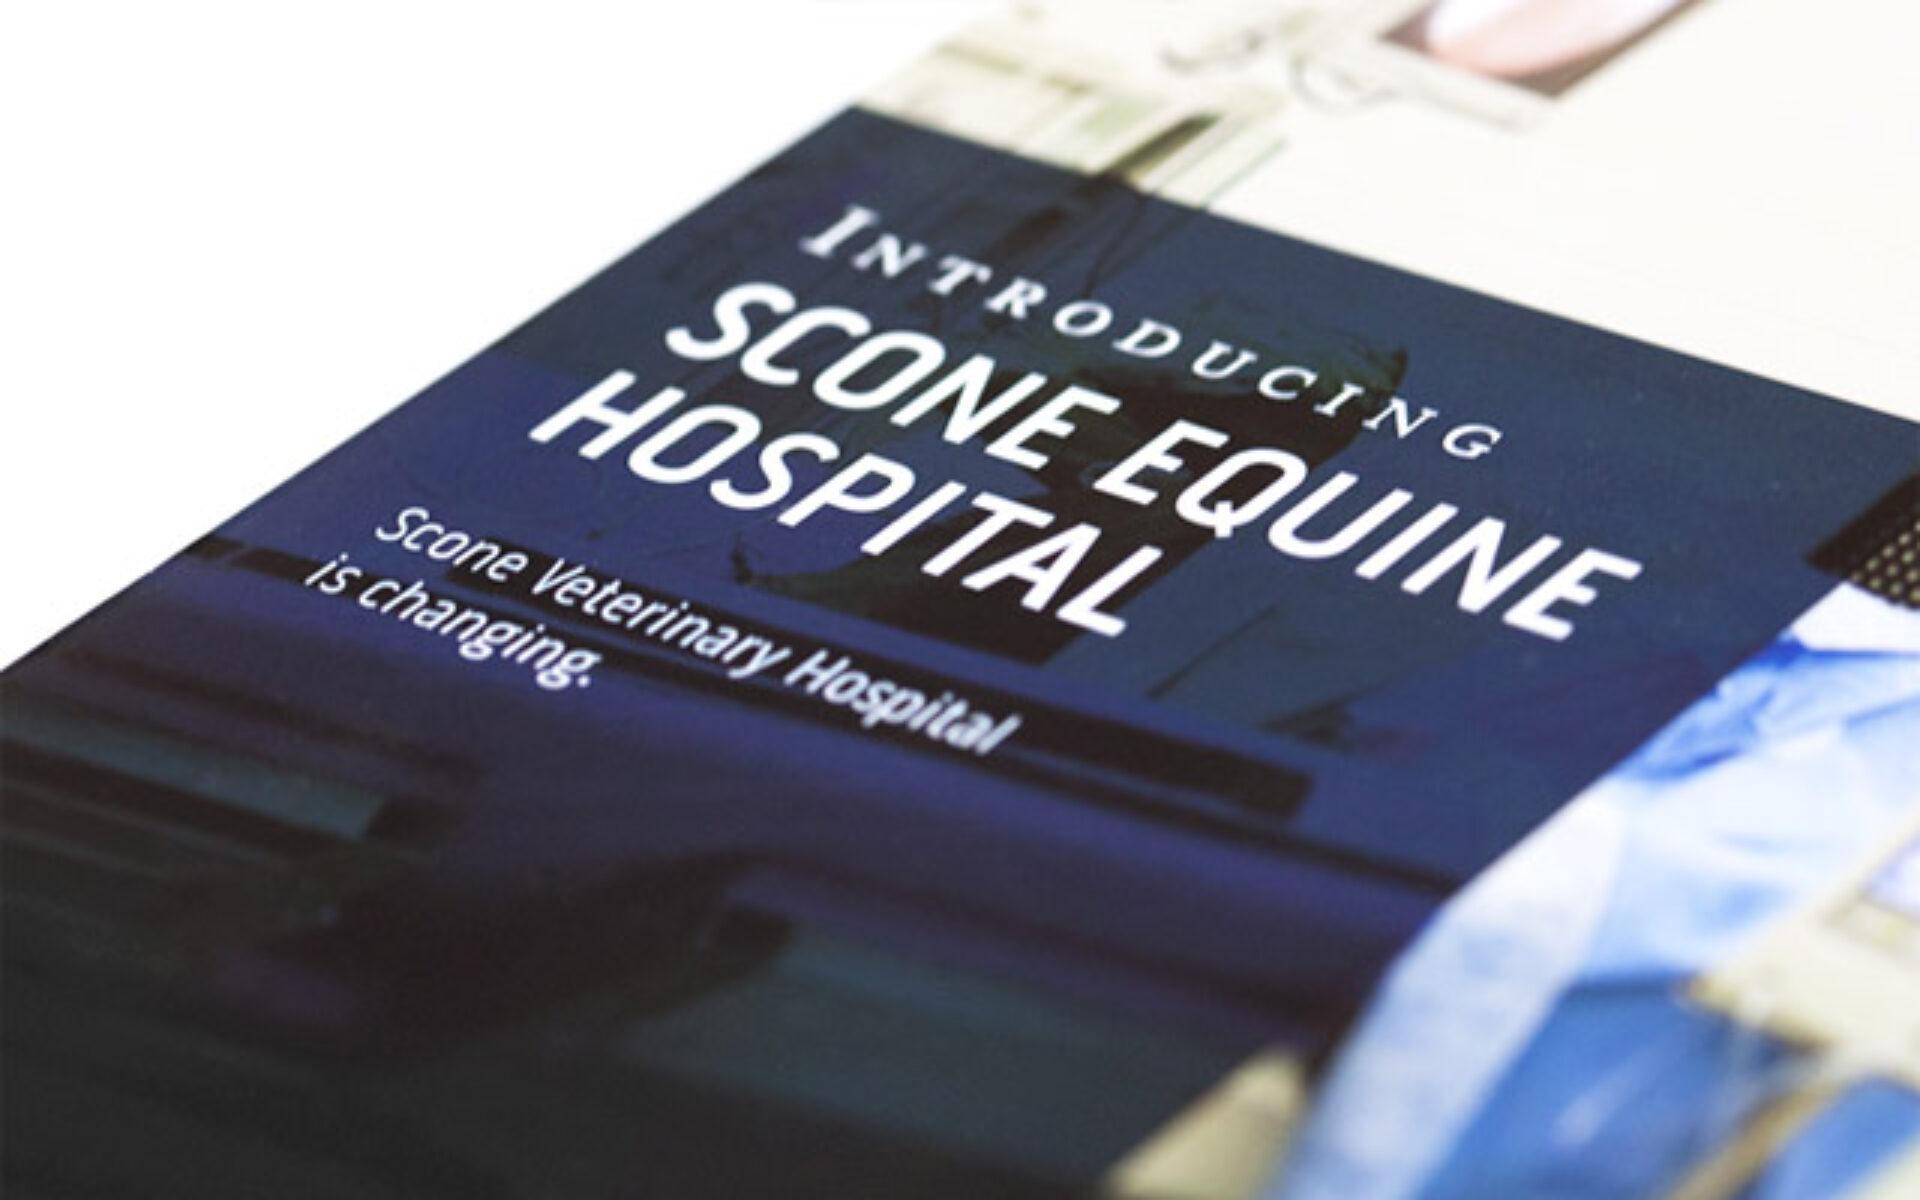 Scone equine hospital 08